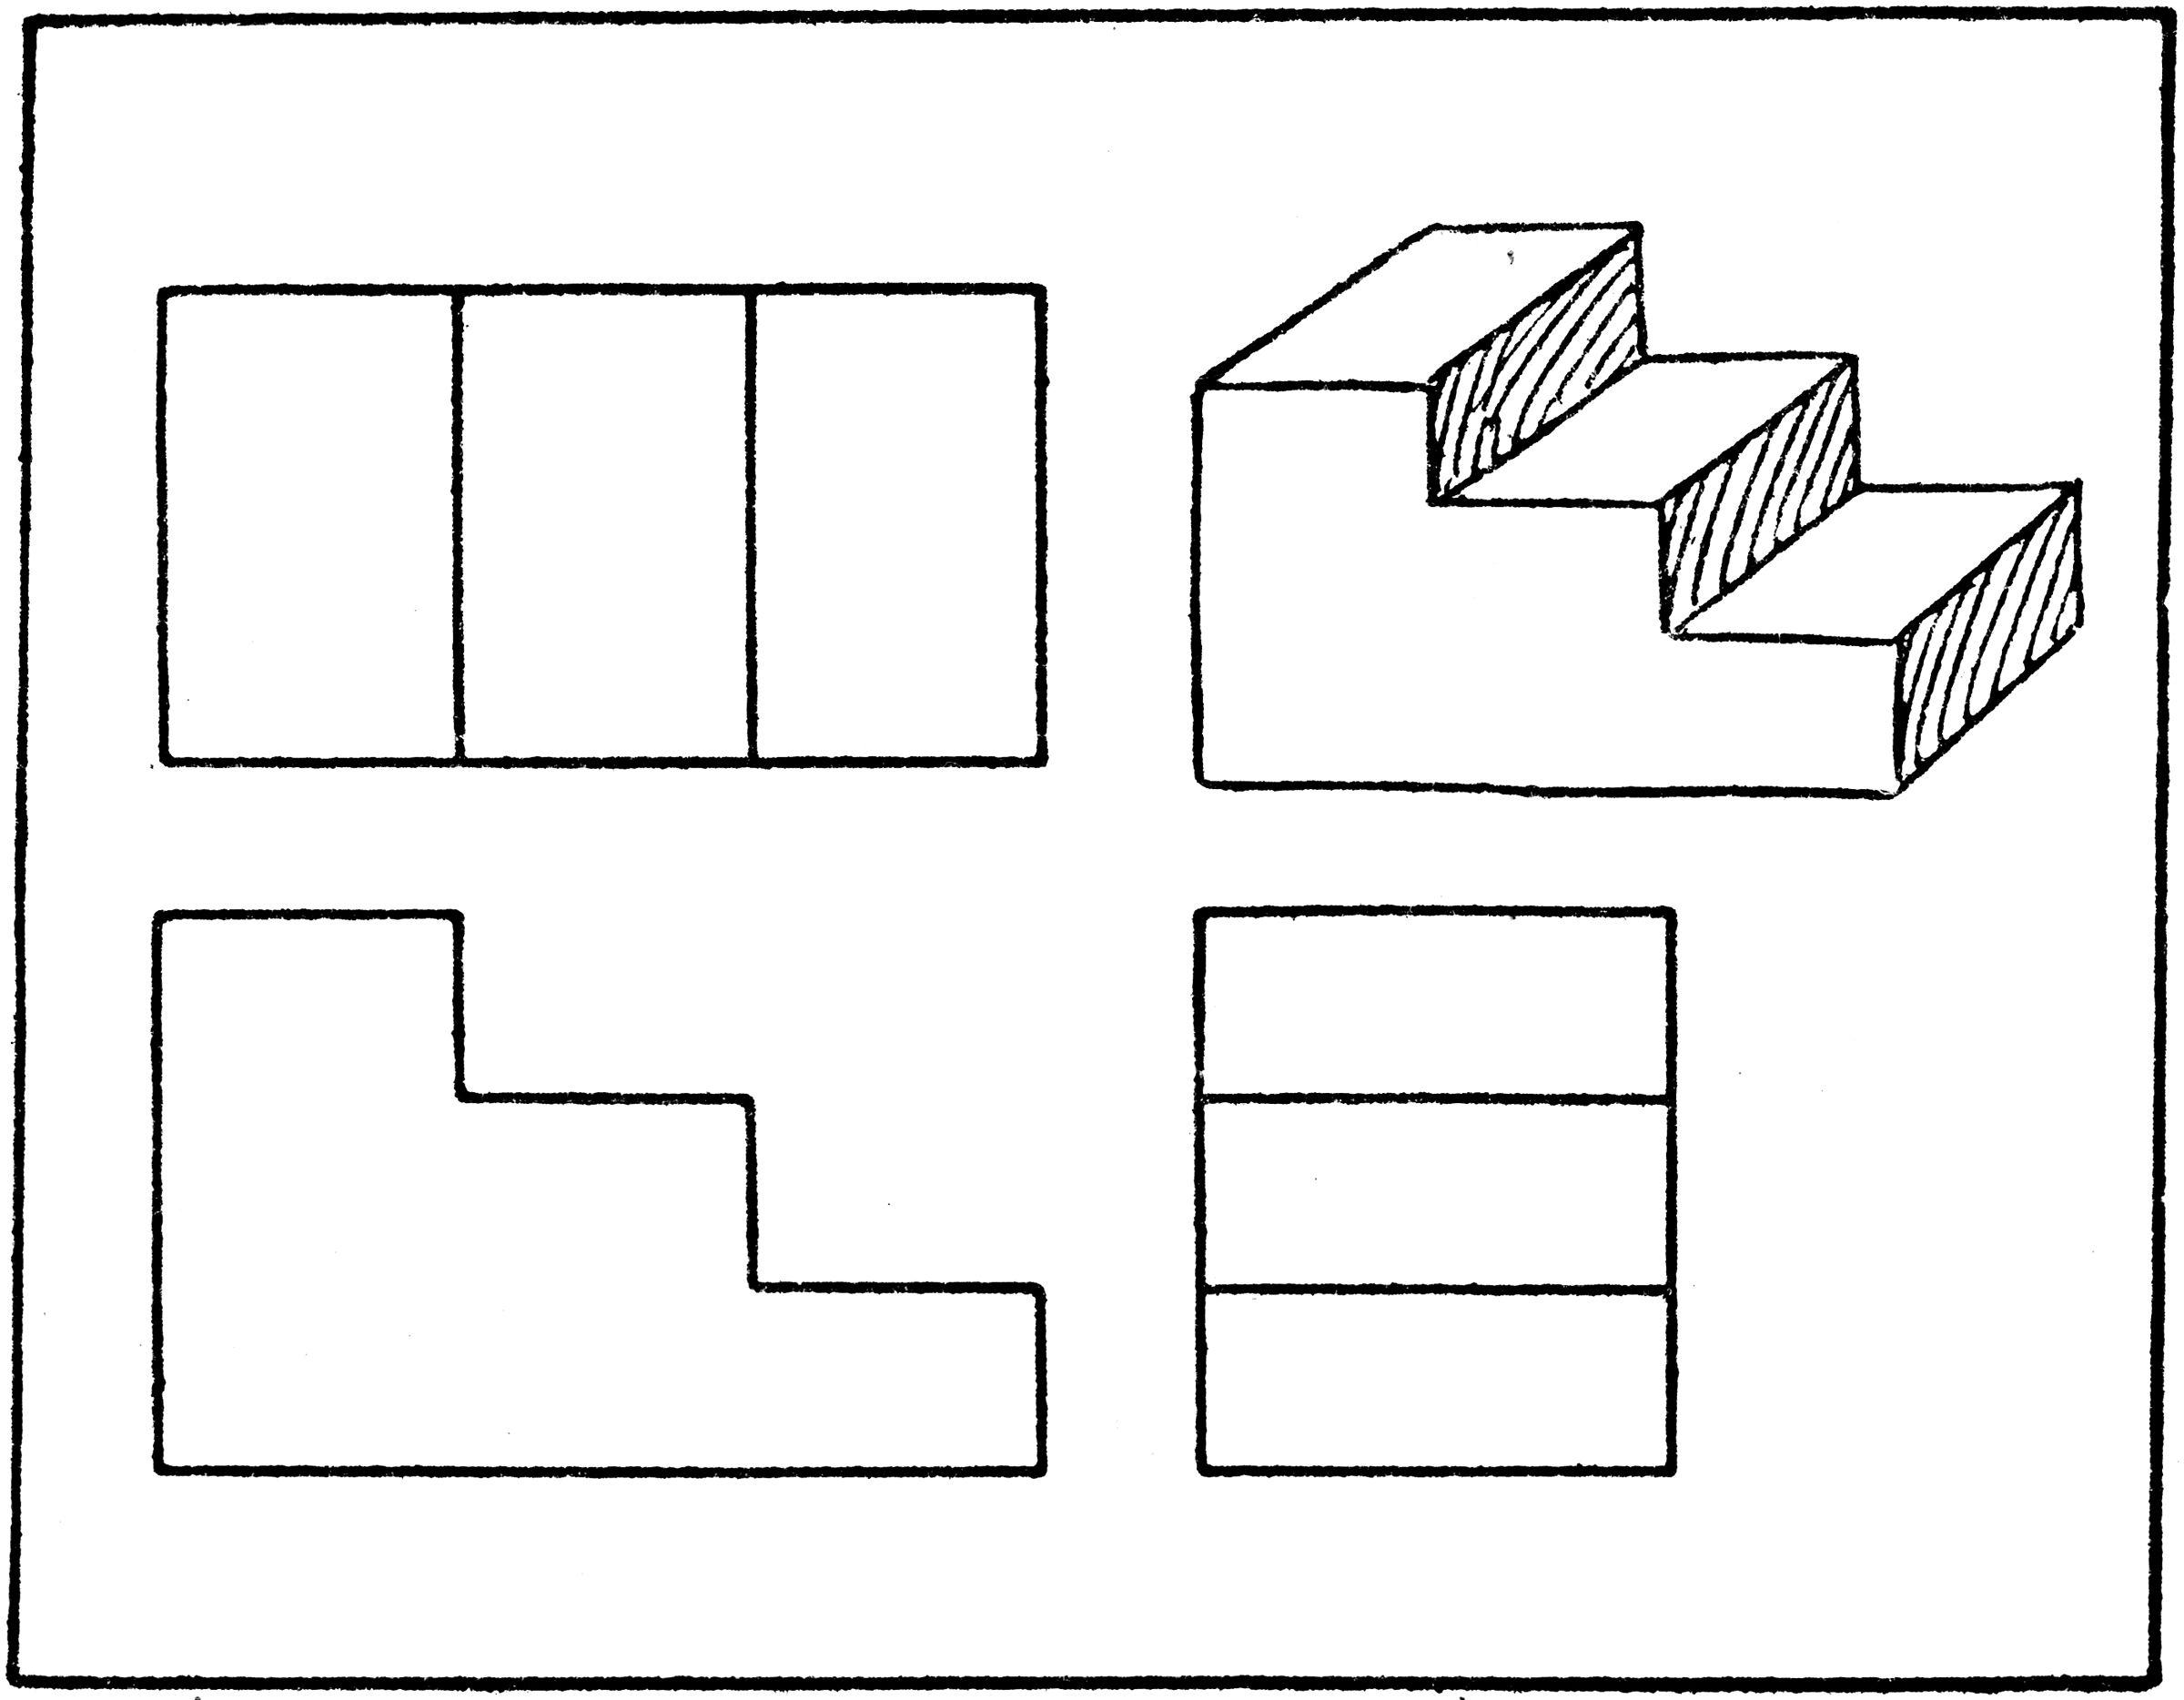 draw a block diagram